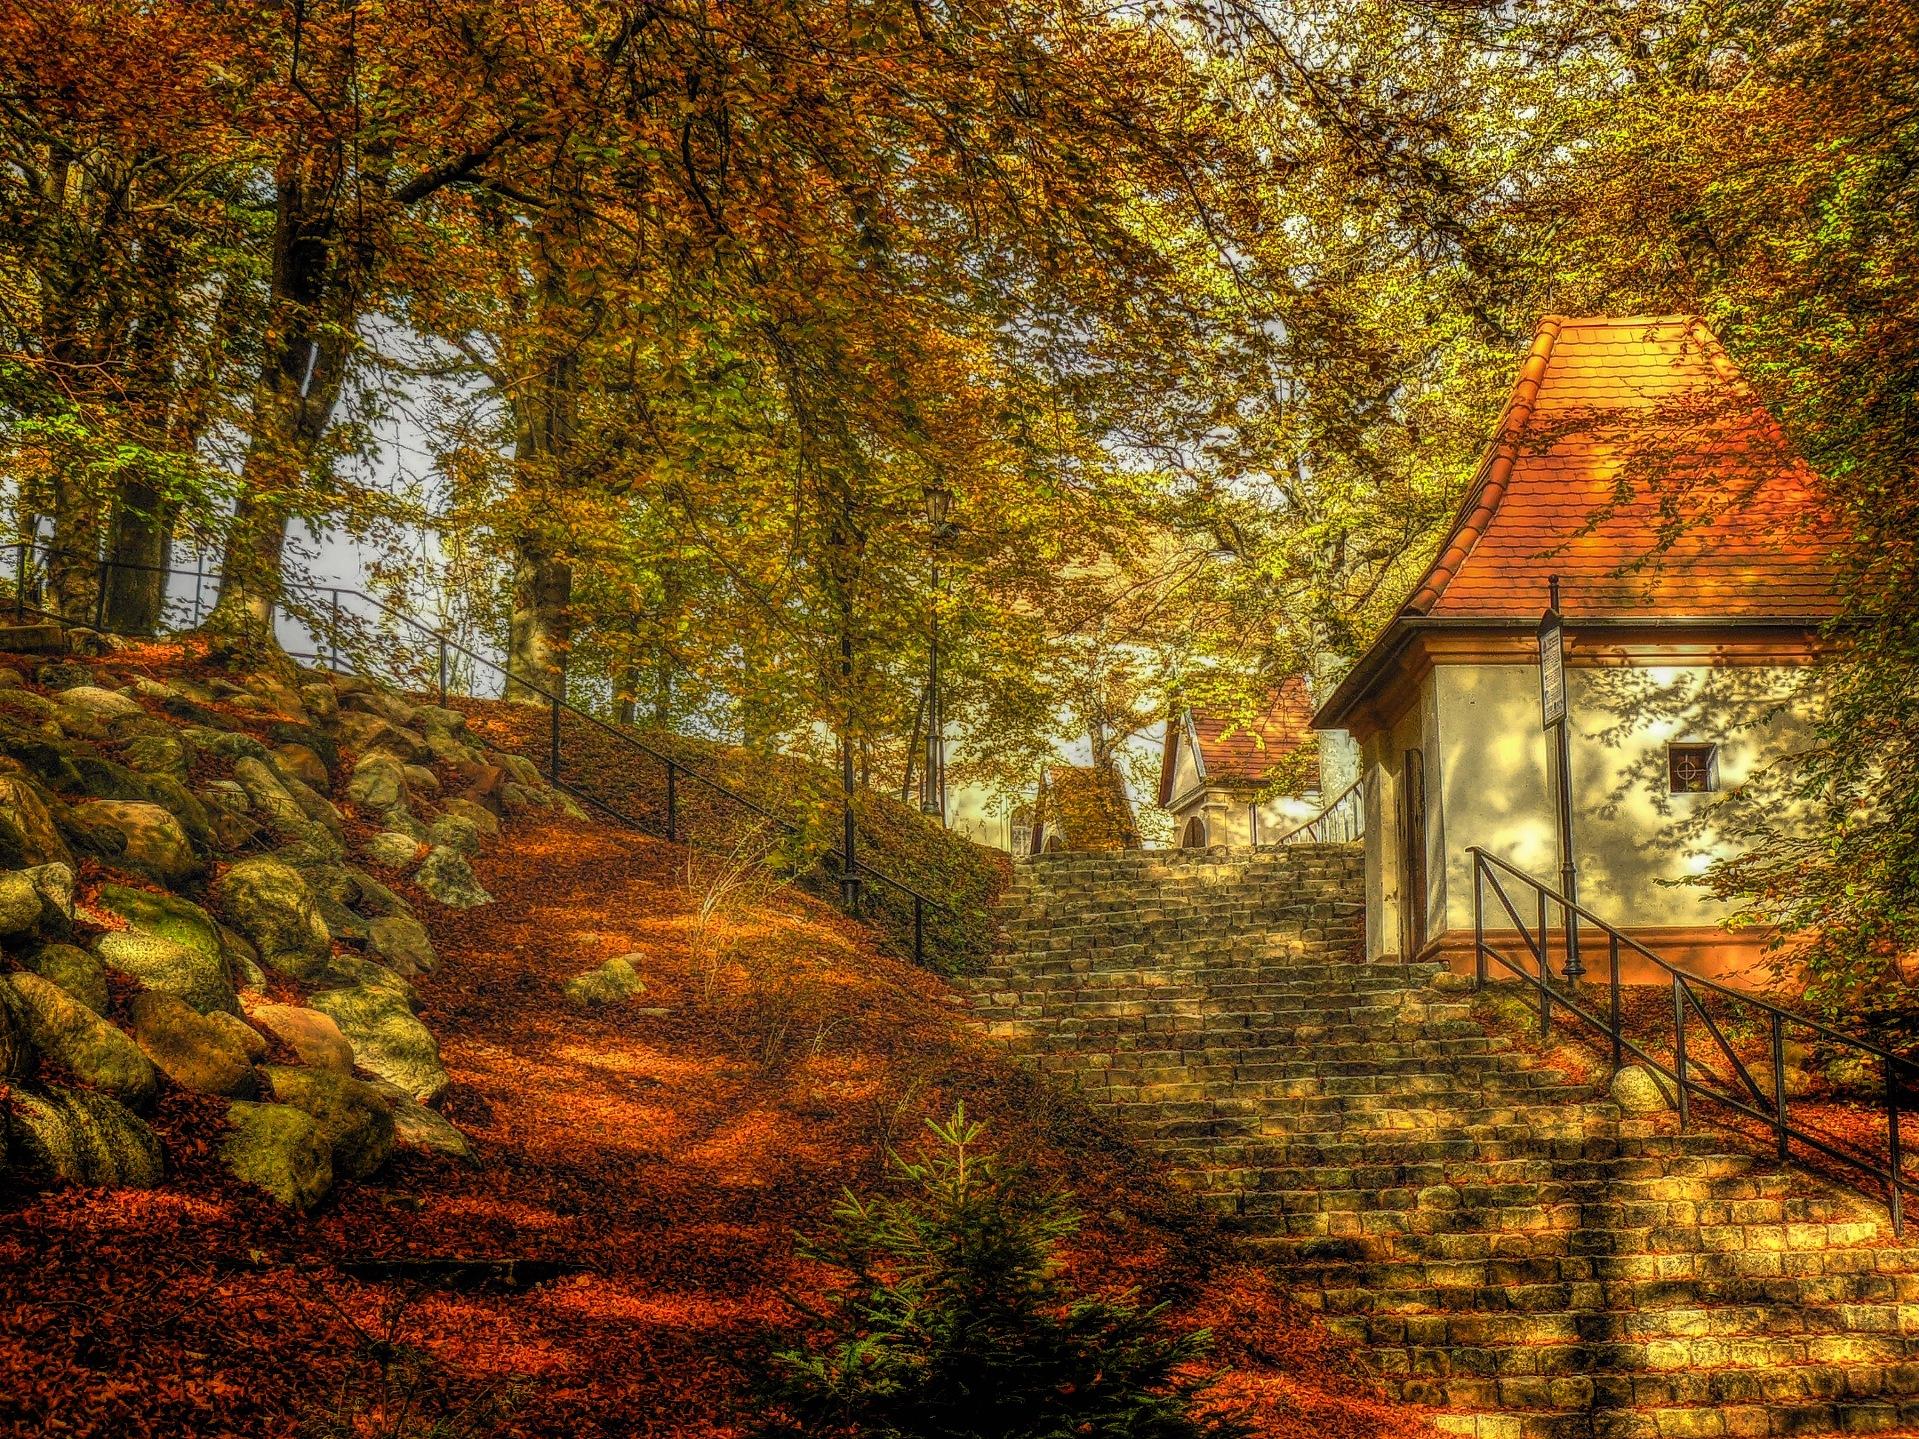 Autumn vol.1 by Grzegorz Skwarliński